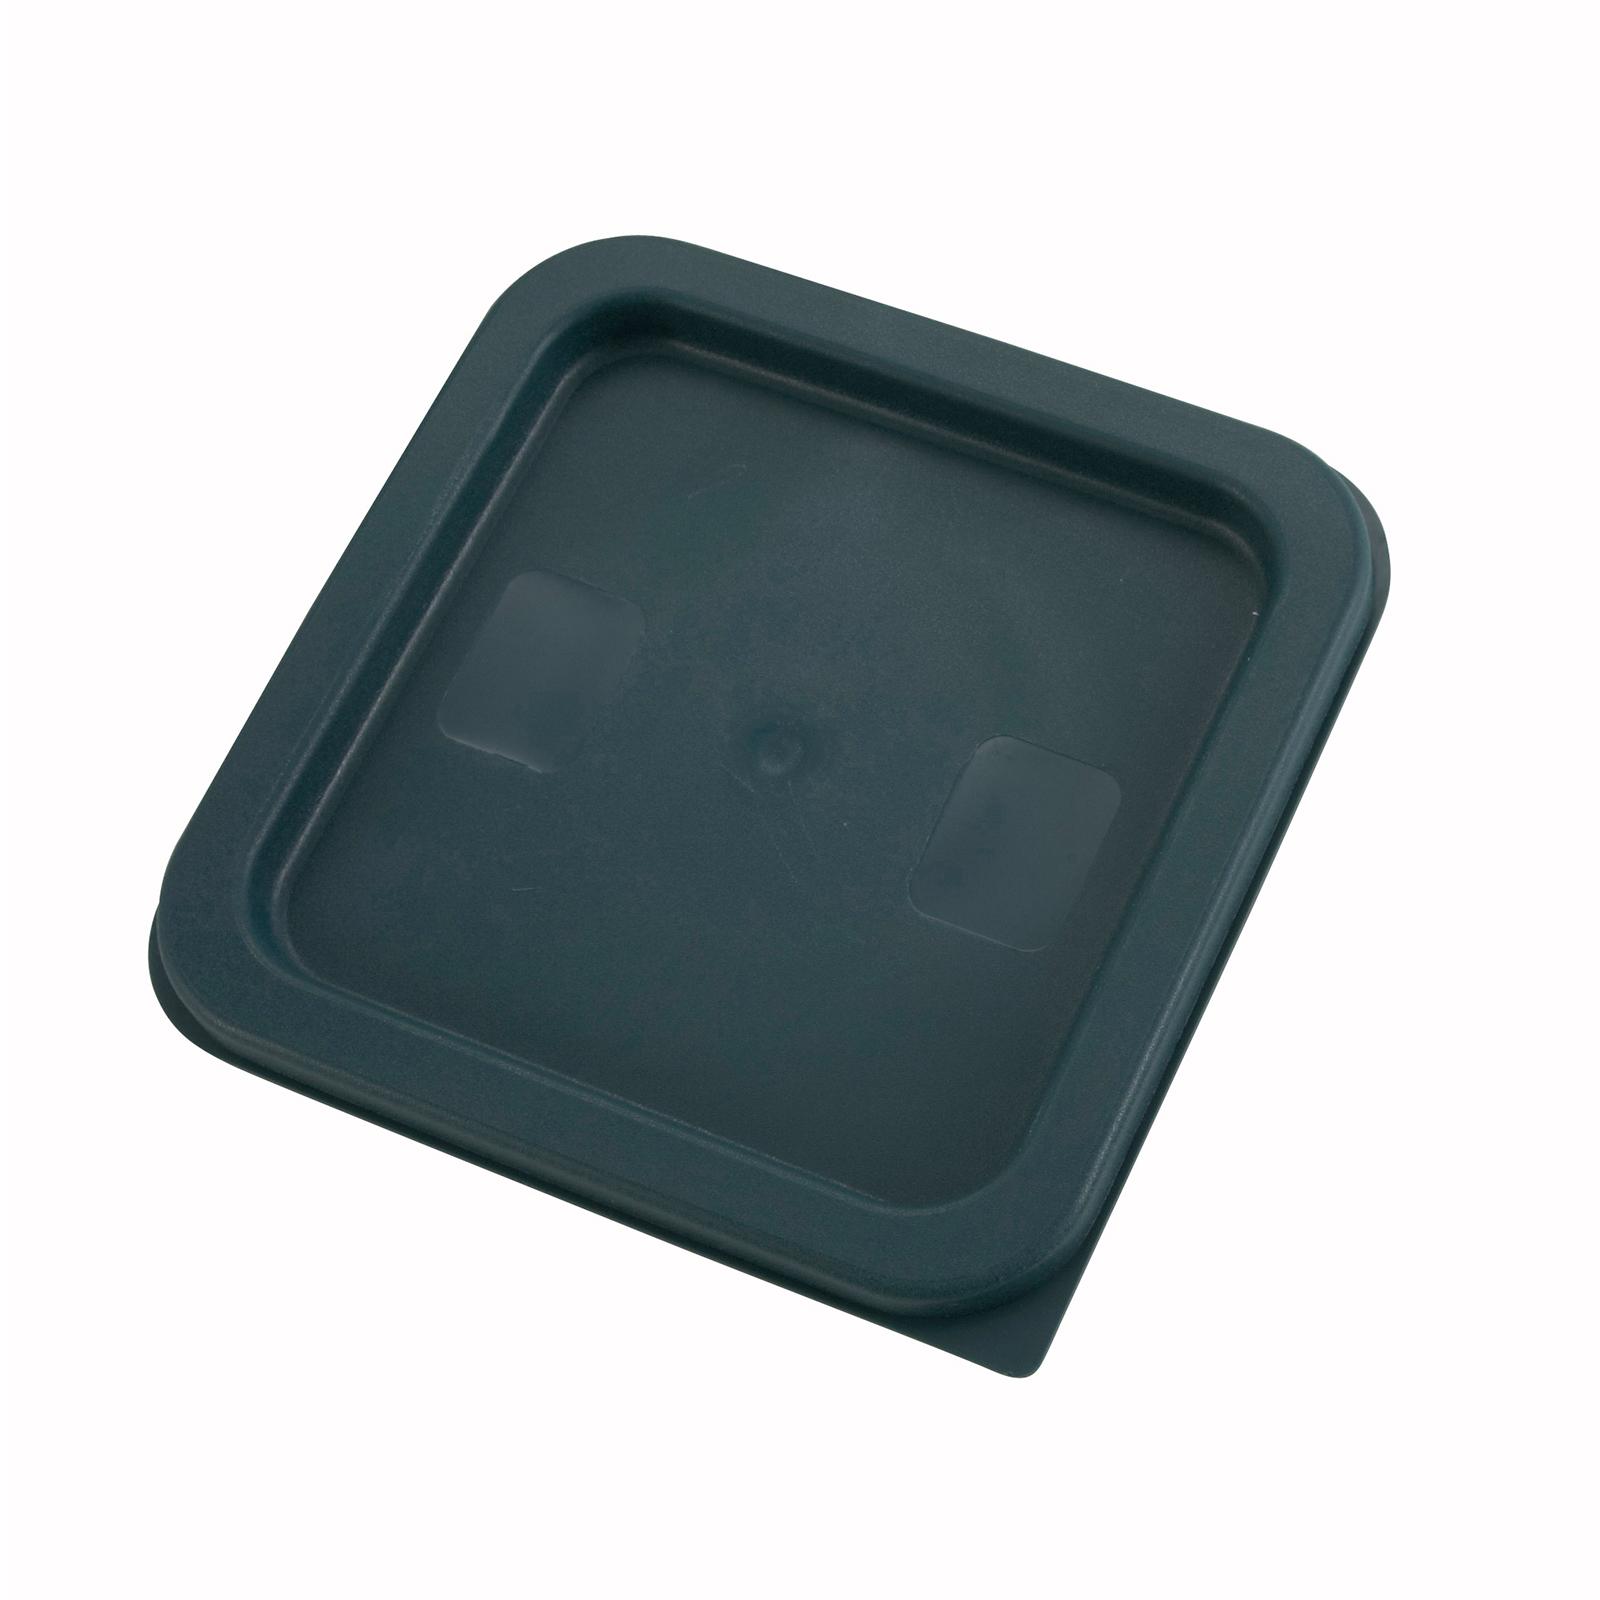 2700-60 Winco PECC-24 food storage container cover